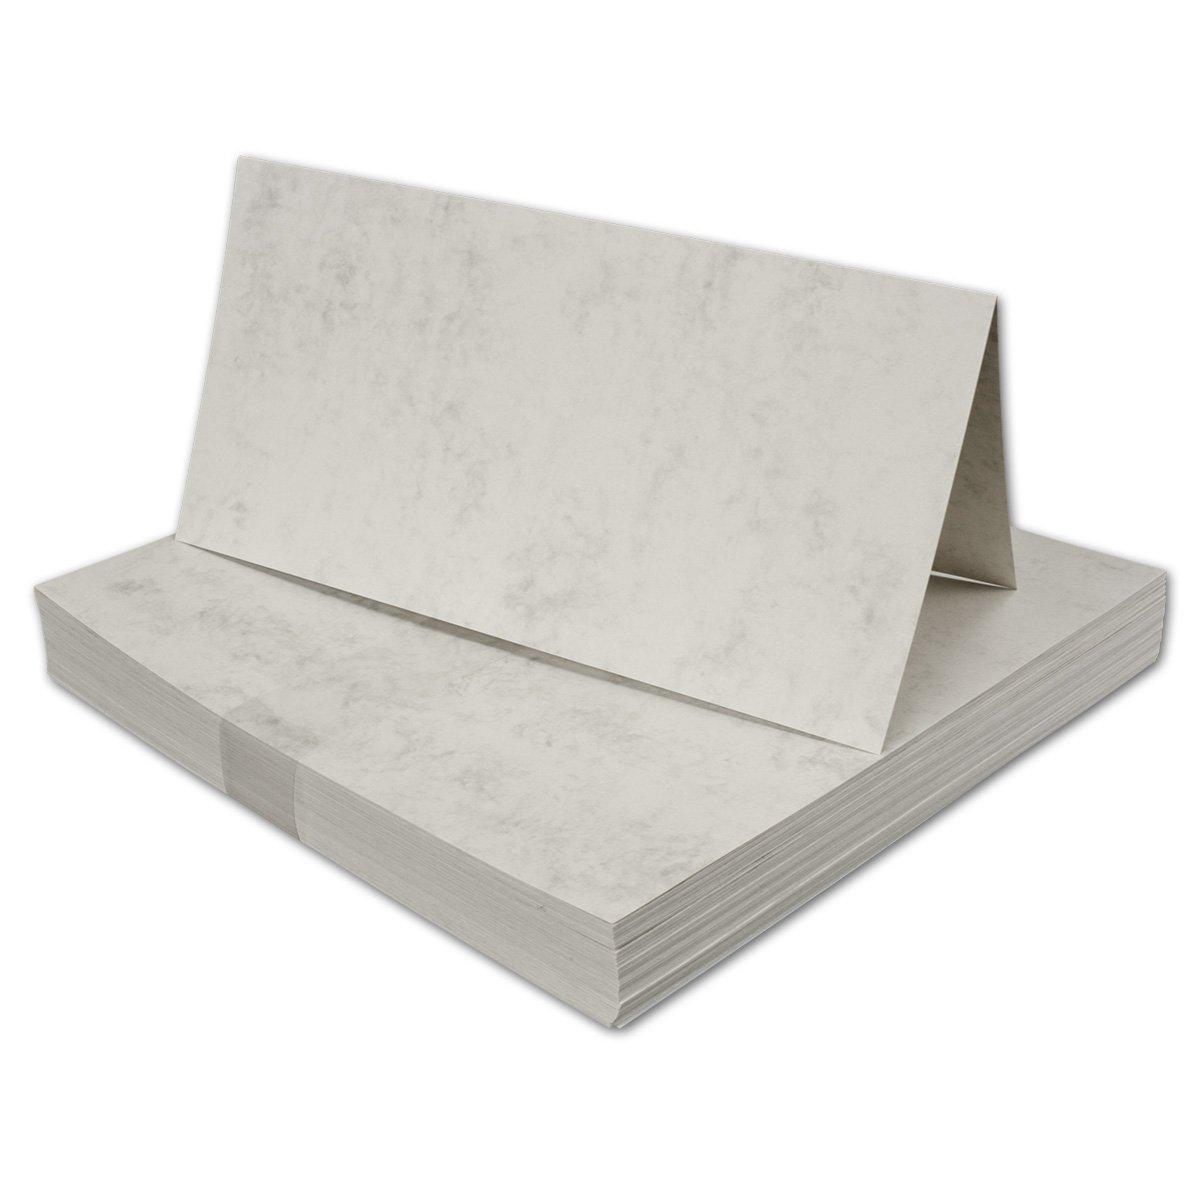 100 Stück I DIN LANG Falt-Karten, GRAU MARMORIERT - 200 g qm, 210 x 210 mm, hochdoppelt B00TBKH9ZO | Perfekte Verarbeitung